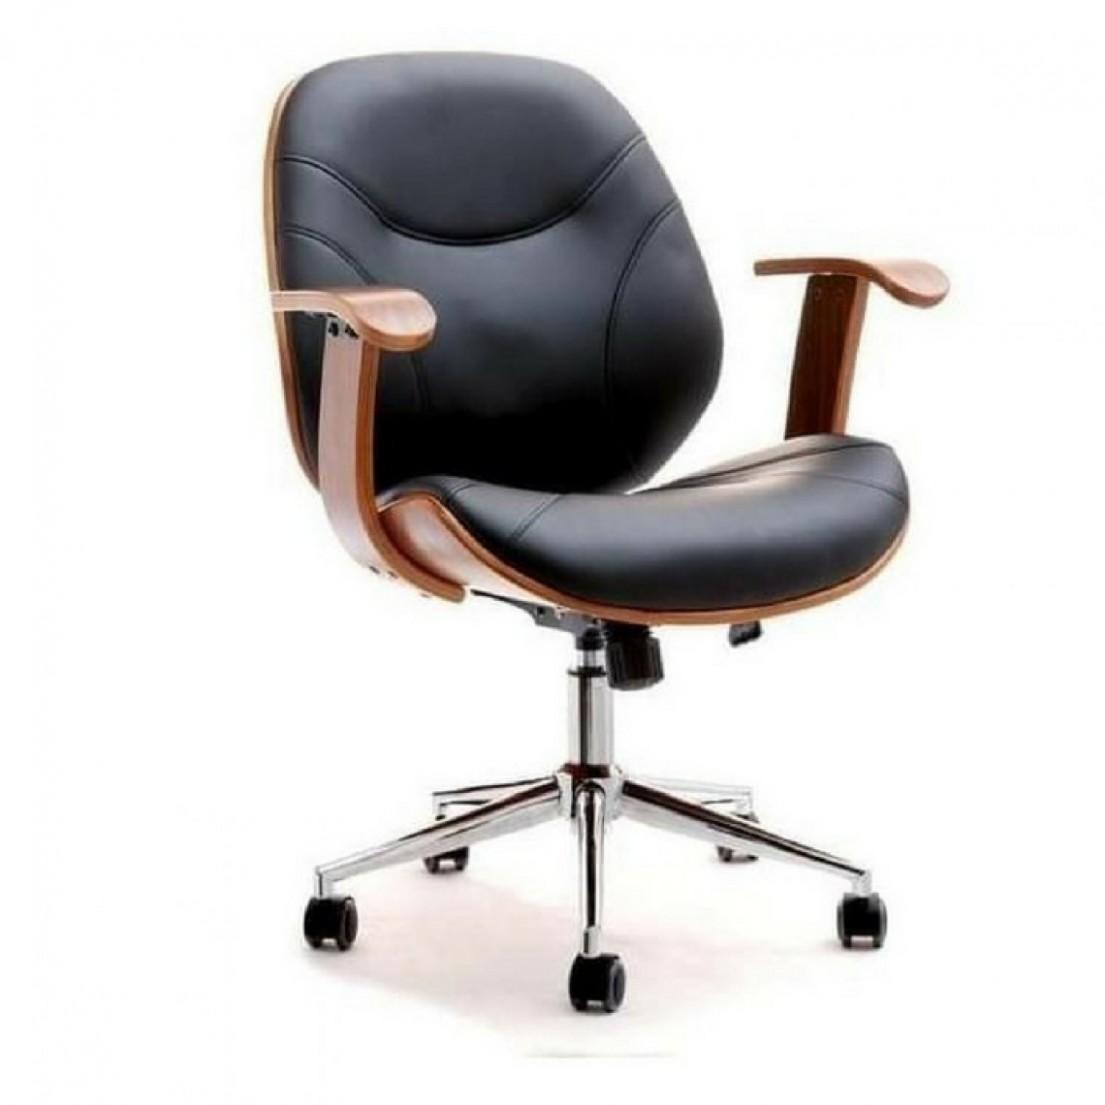 Nejchladnejší 21 z Kancelářská židle Pro Bolavá Záda